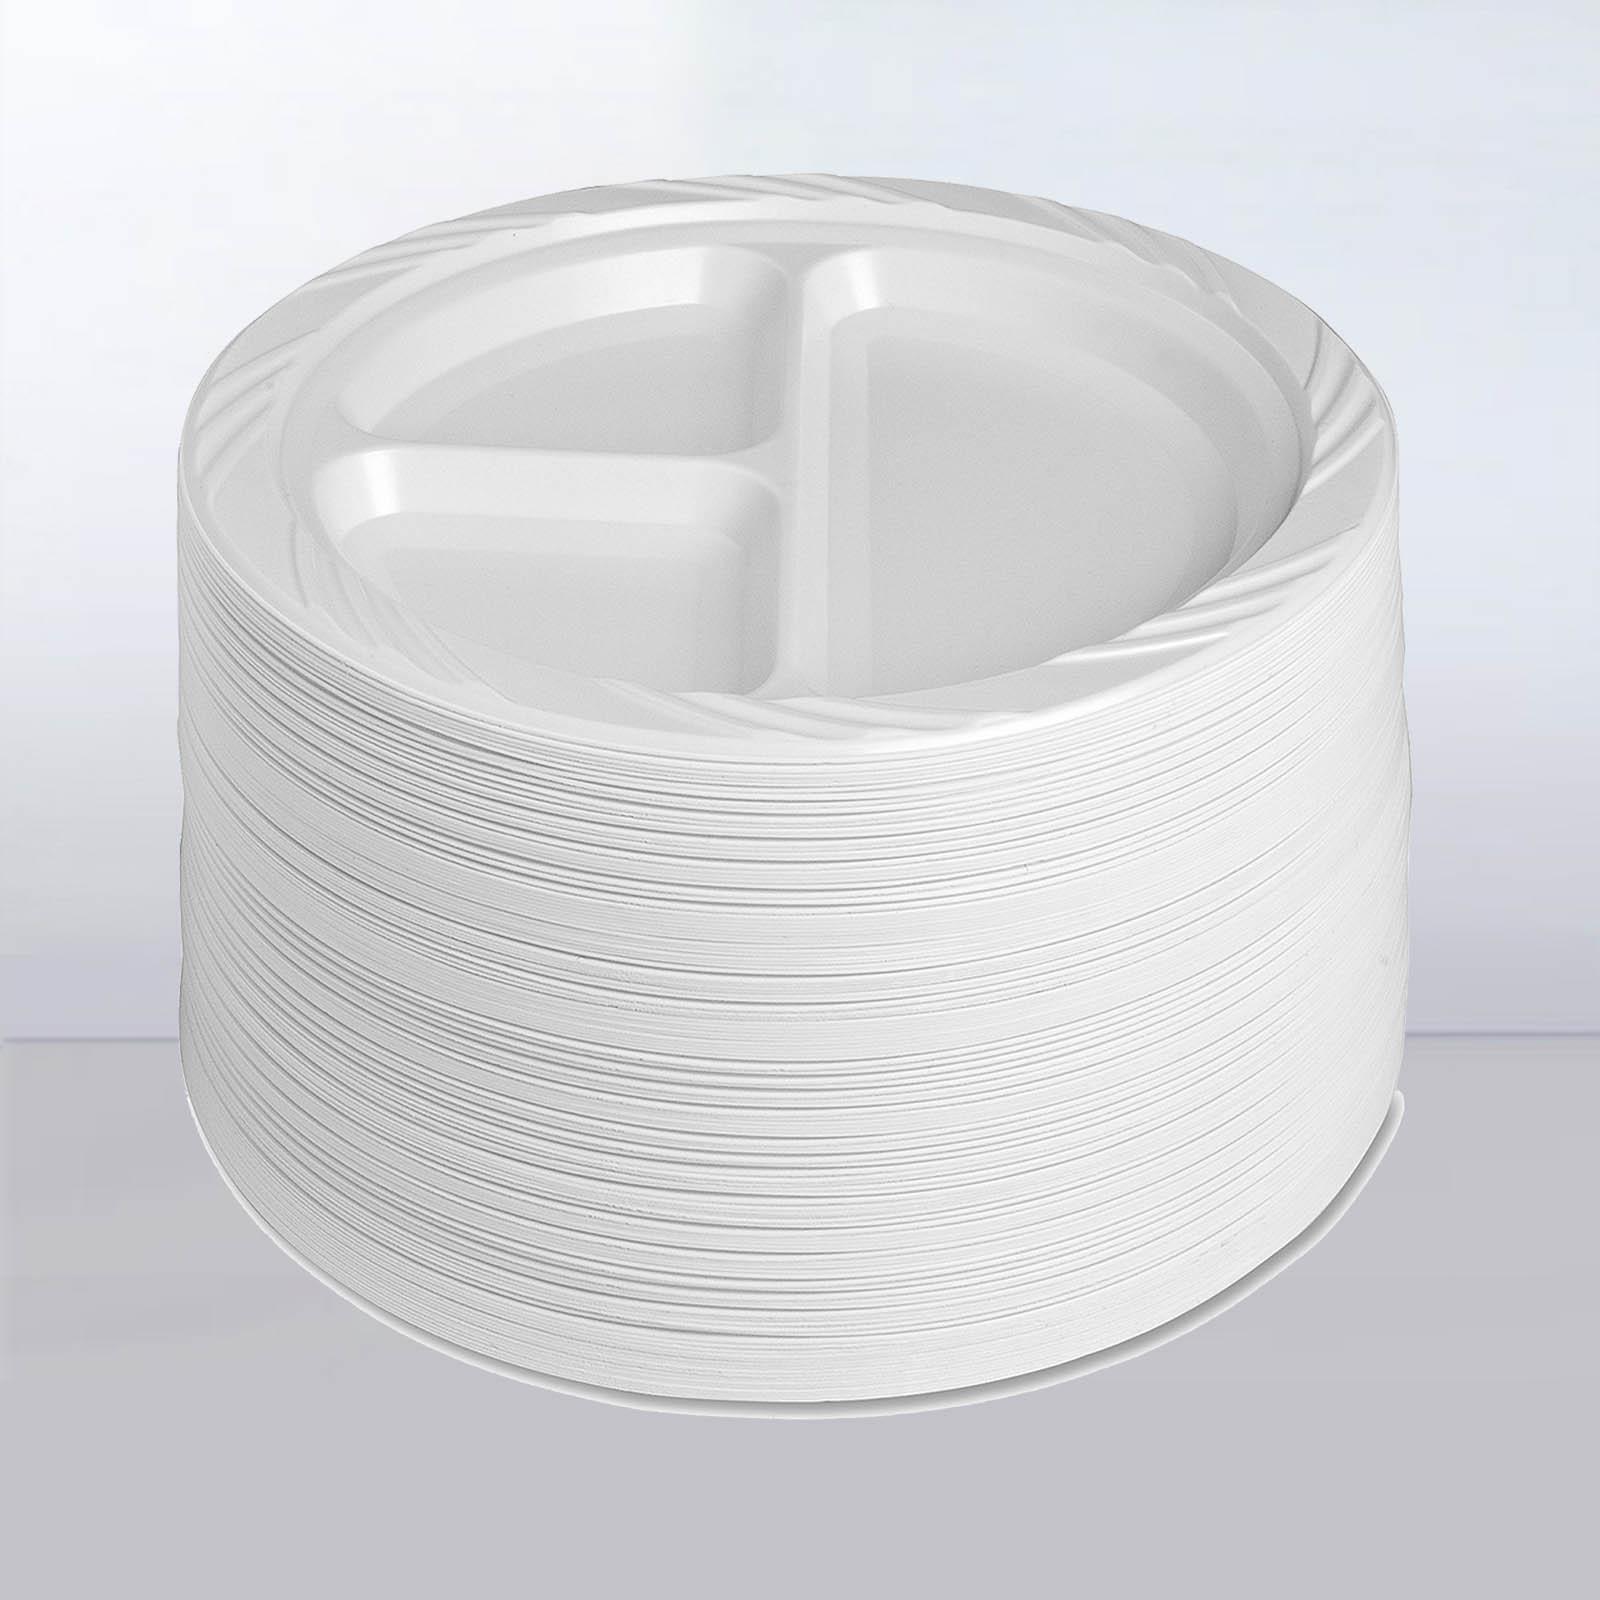 注塑级降解材料应用-仿瓷餐具